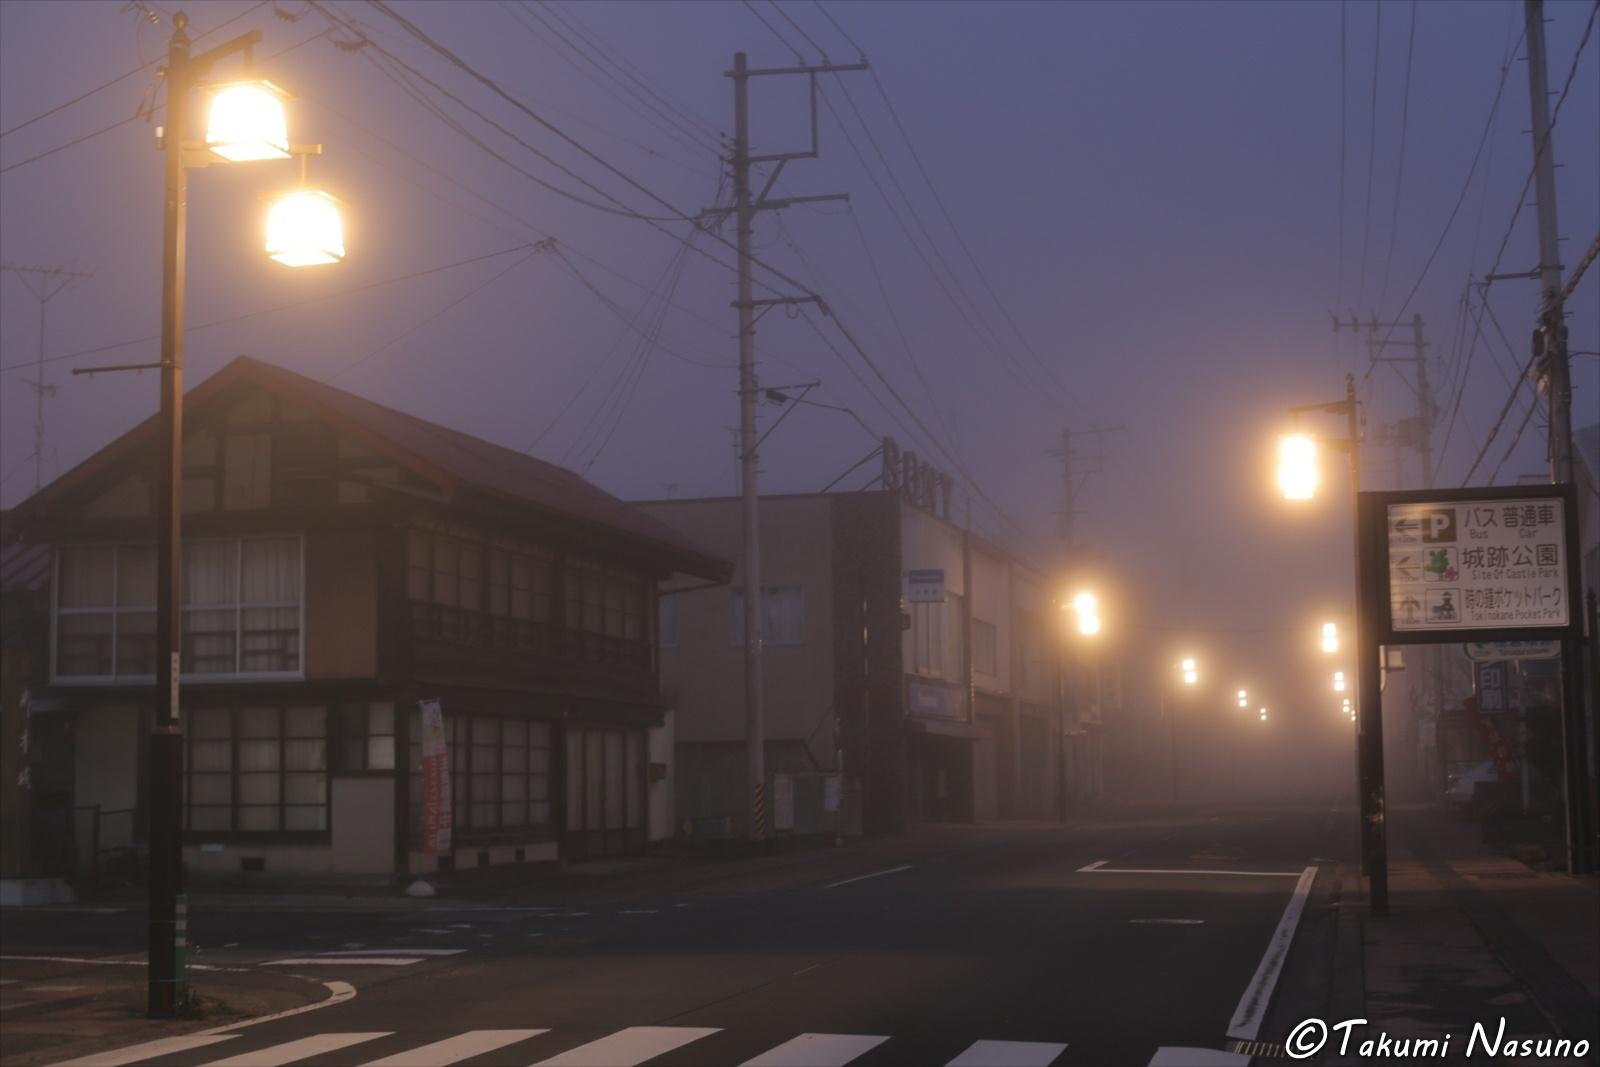 Morning Mist of Tanagura Town